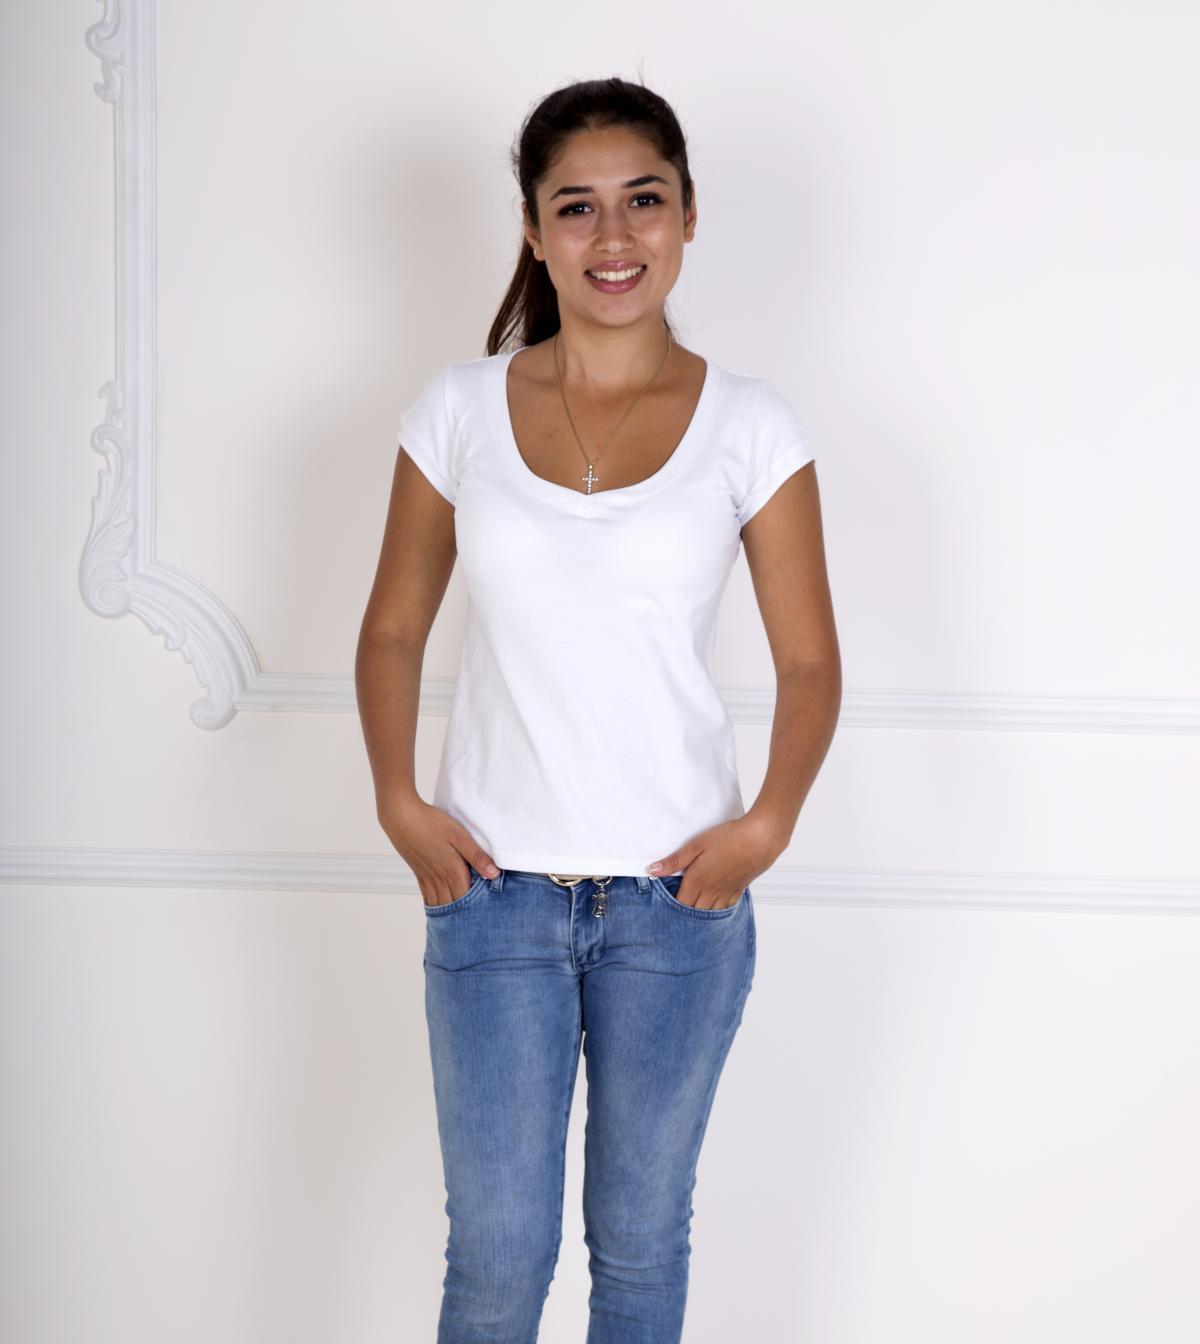 Жен. футболка Лиза Белый р. 42Майки и футболки<br>Факт. ОГ: 0 см <br>Факт. ОТ: 0 см <br>Факт. ОБ: 0 см <br>Длина по спинке: см<br><br>Тип: Жен. футболка<br>Размер: 42<br>Материал: Фулайкра